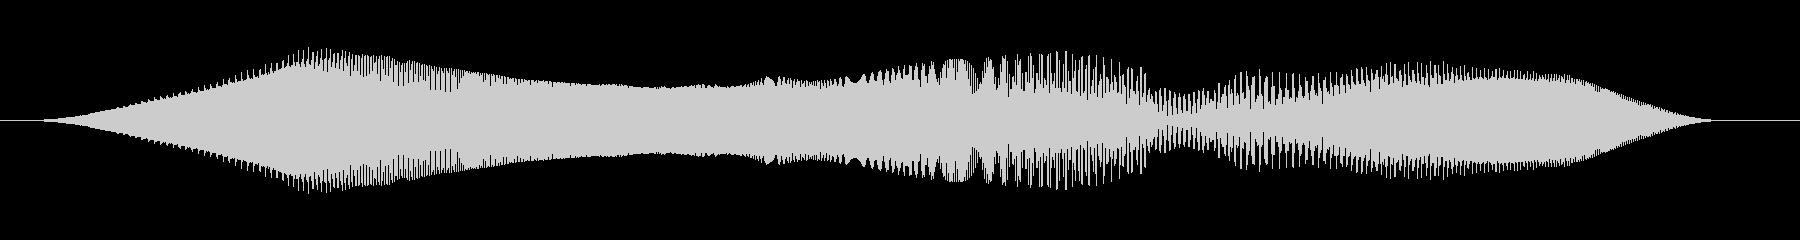 レトロスイープ、スペースシューッと...の未再生の波形